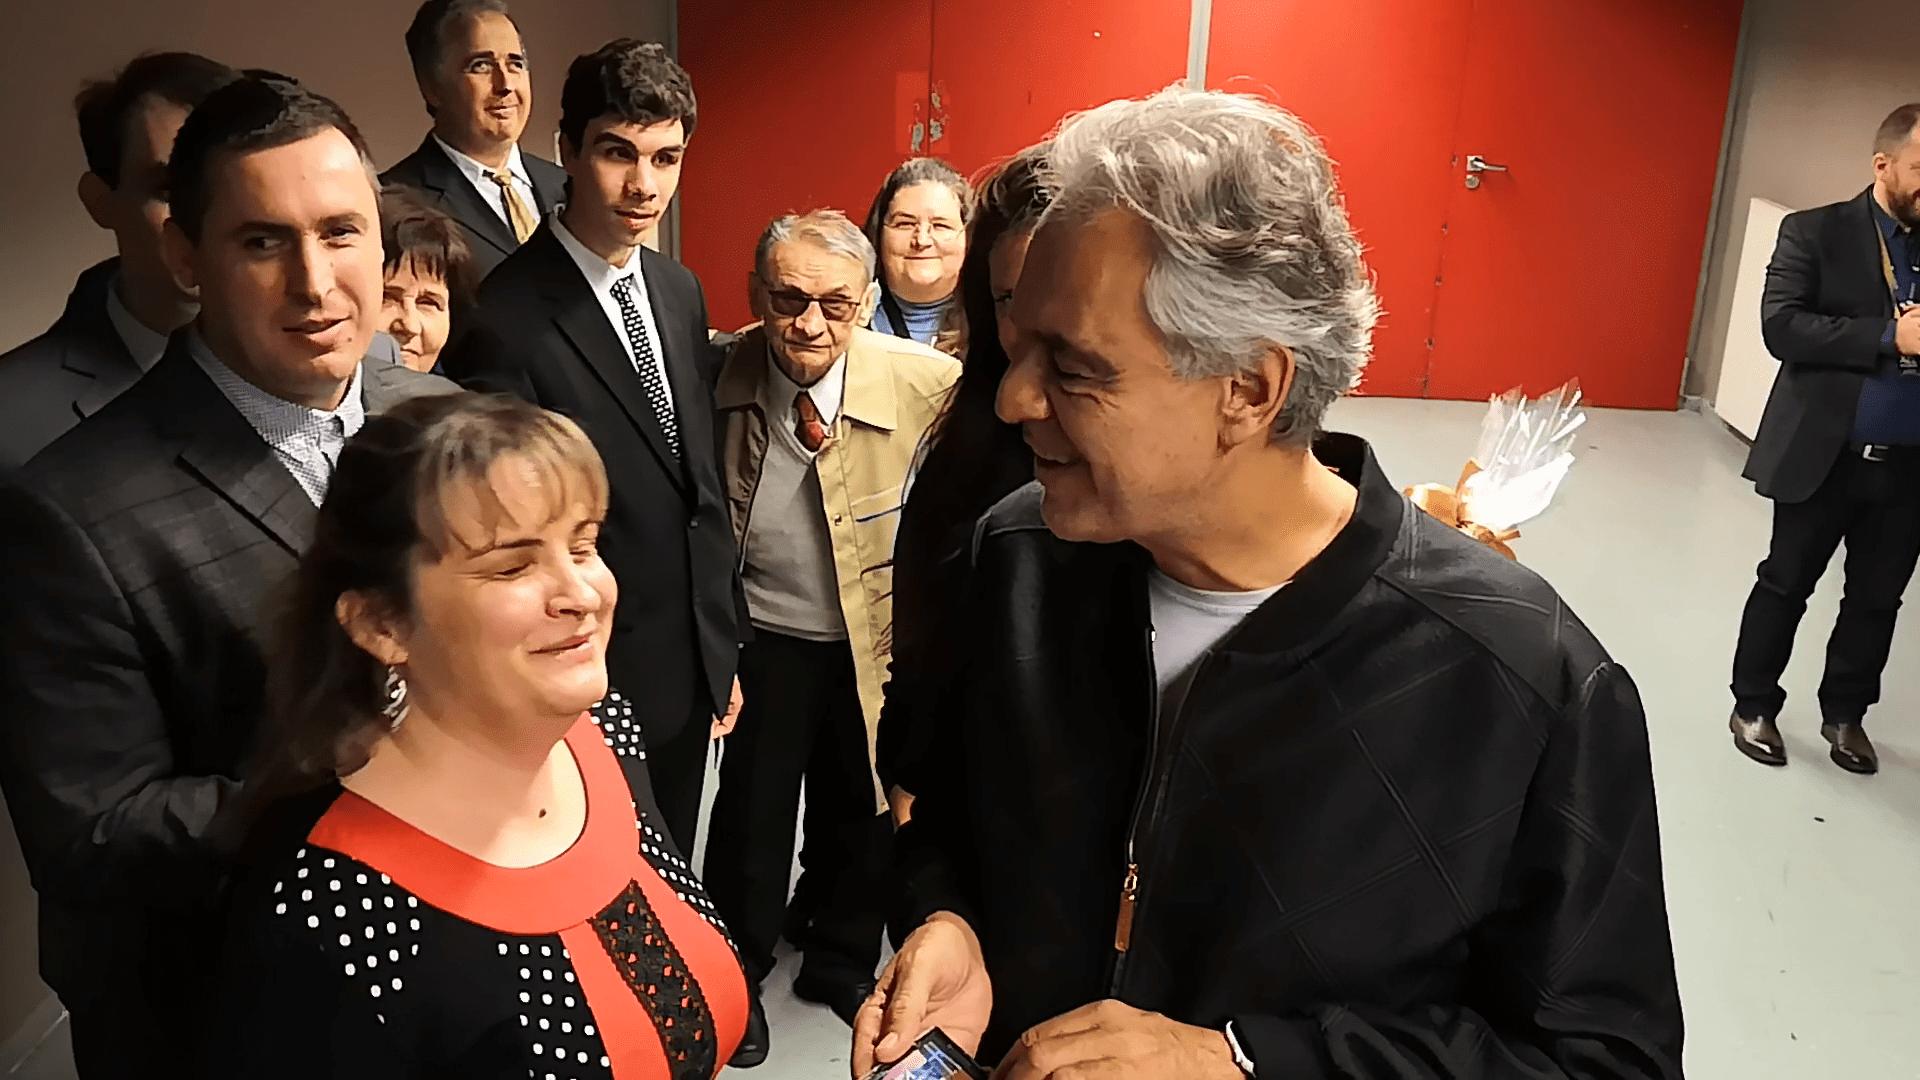 Andrea Bocelli, Máj Kriszta a képen, Bocelli olvassa a Braille-feliratot